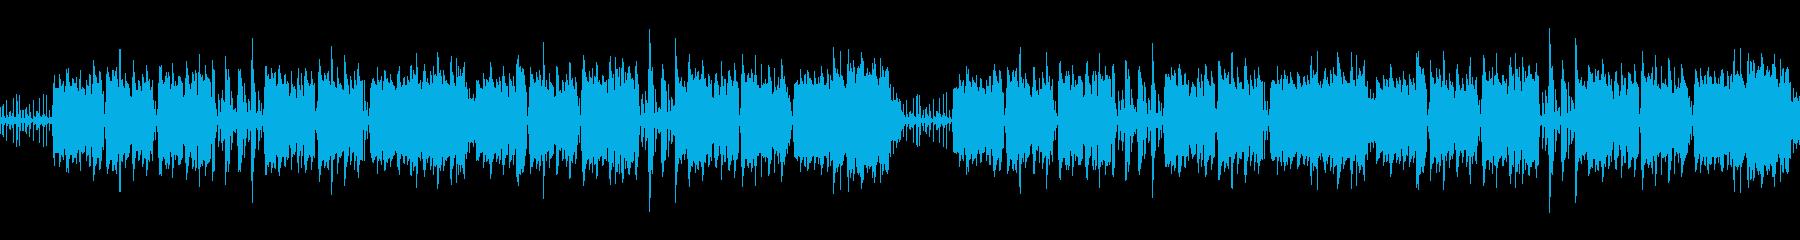 猫などペット動画配信に合うぐうたらBGMの再生済みの波形